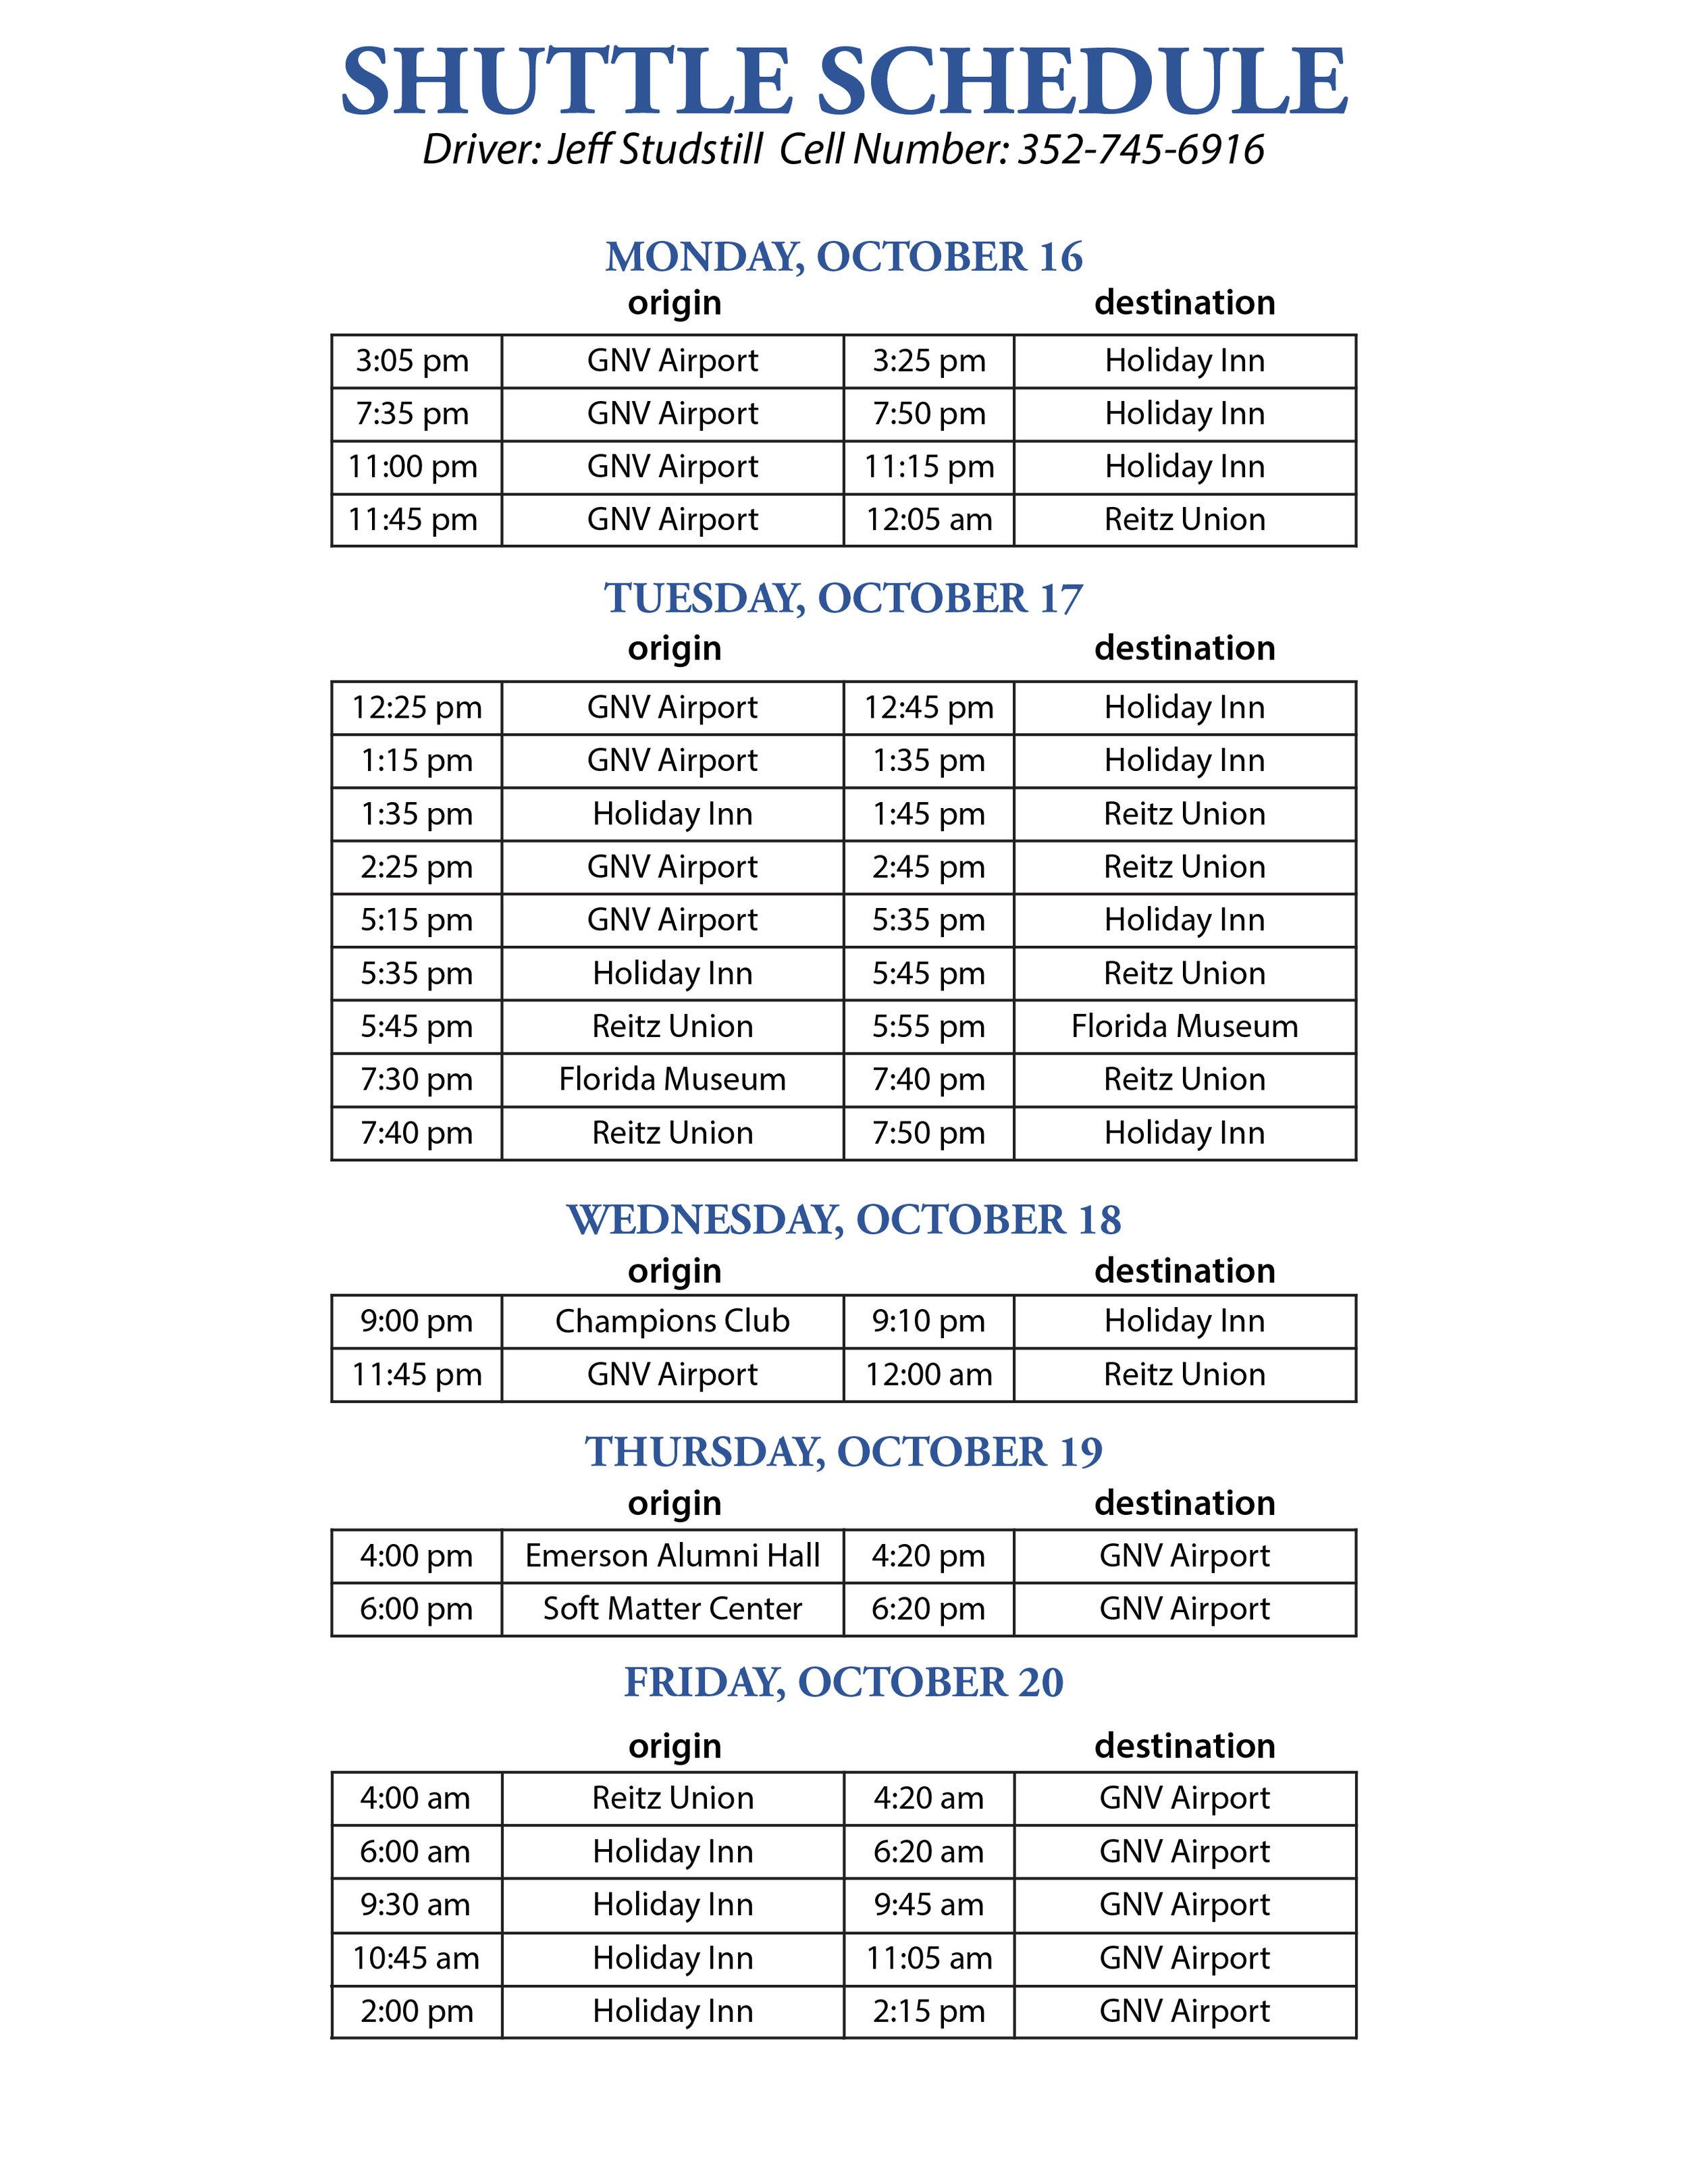 SMS Shuttle Schedule 2017 Update-01.jpg